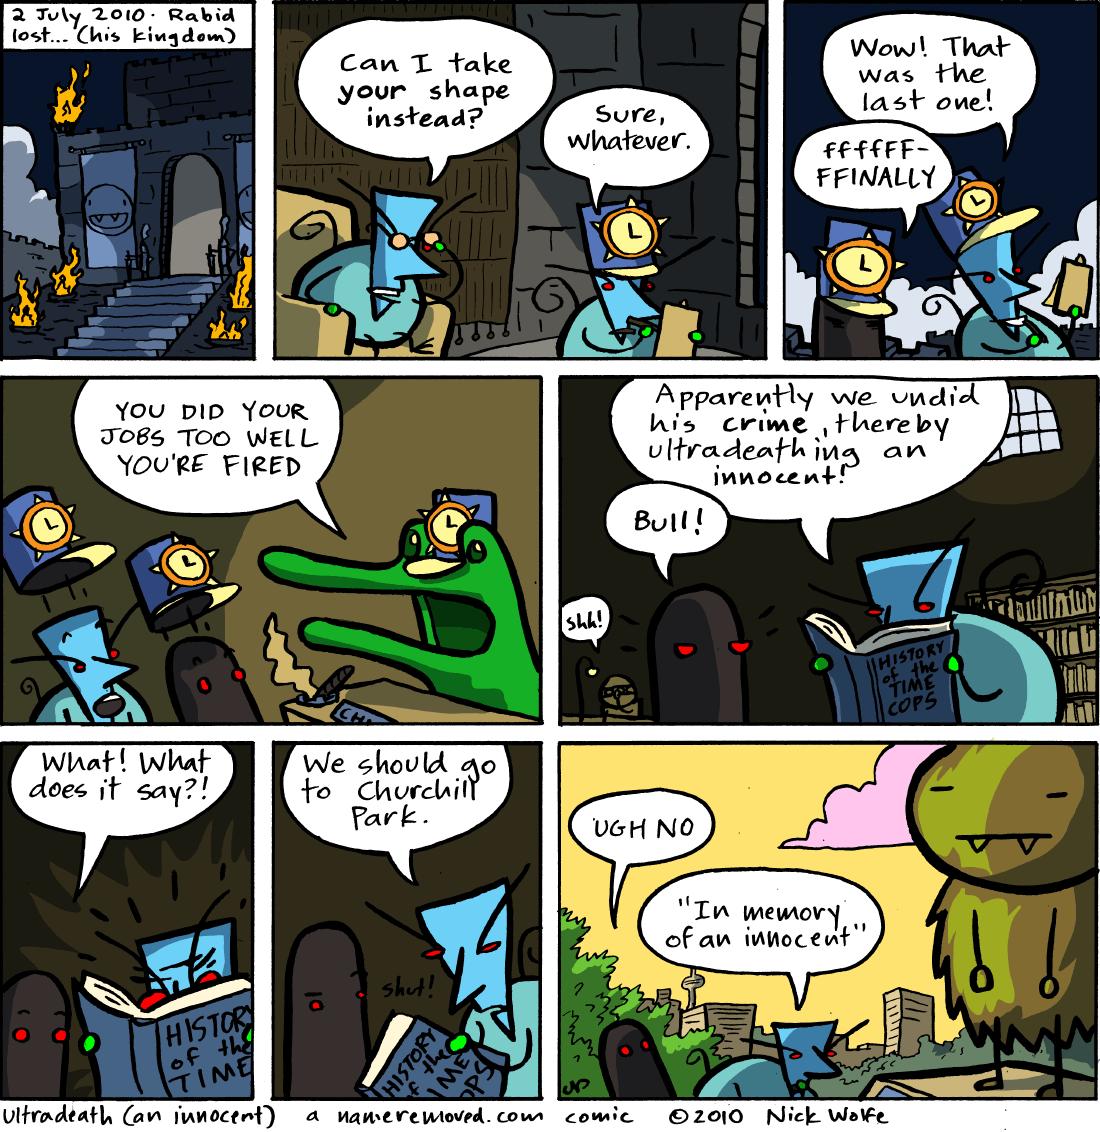 Ultradeath (an innocent)